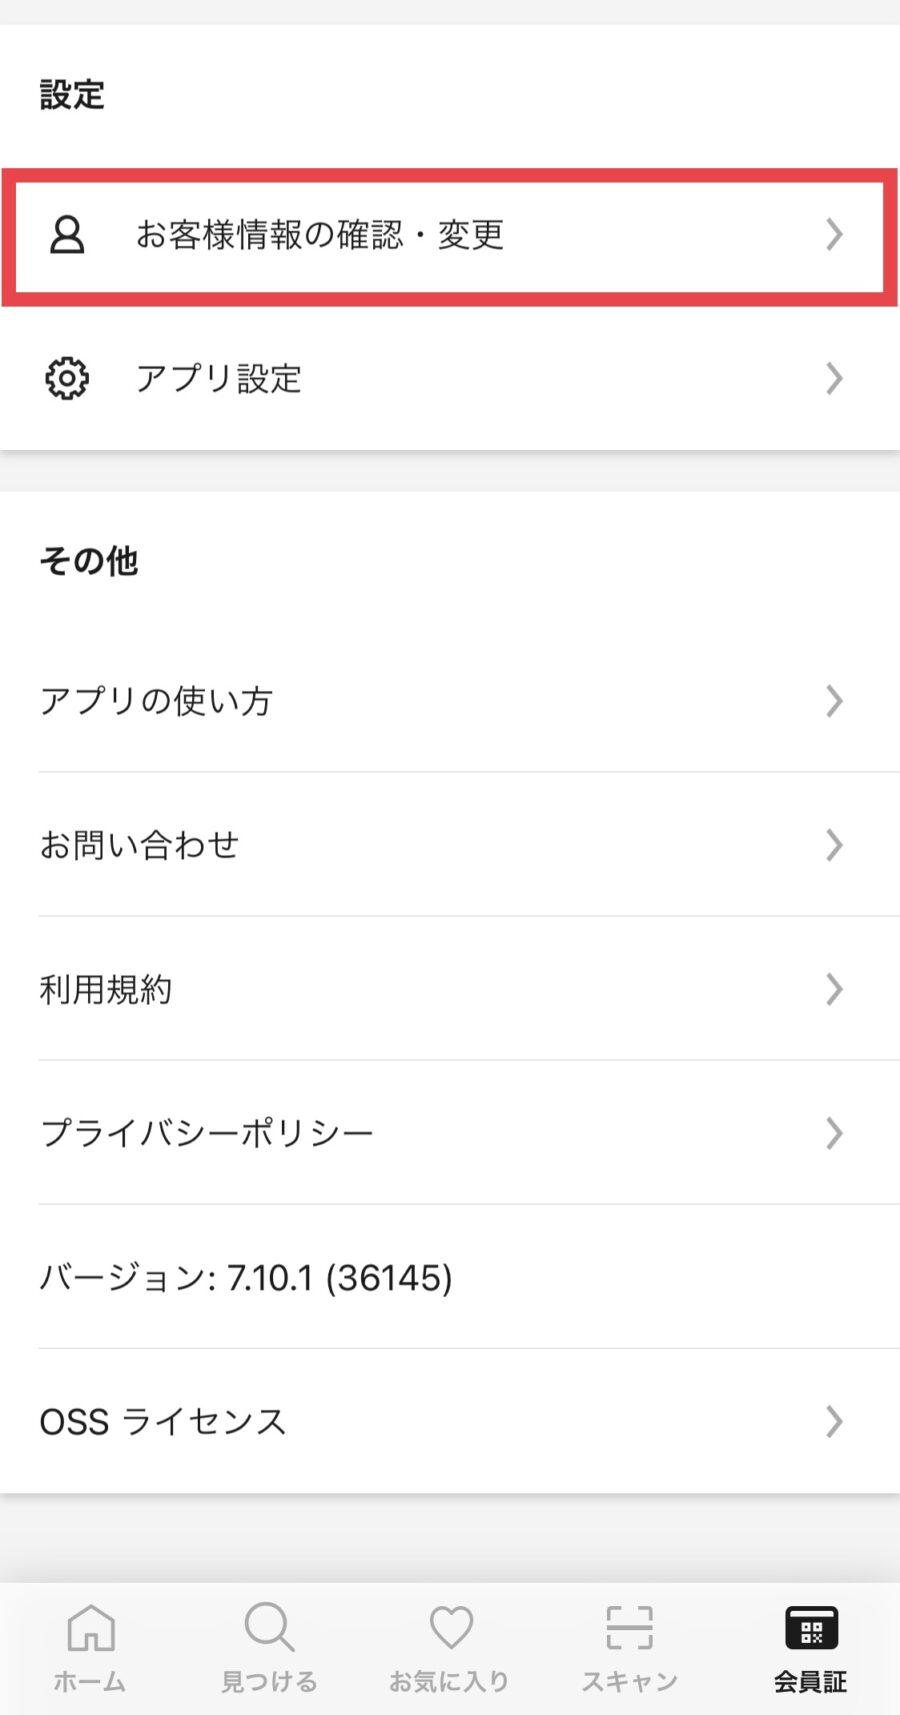 ユニクロ アプリのクレジットカード追加・変更方法2